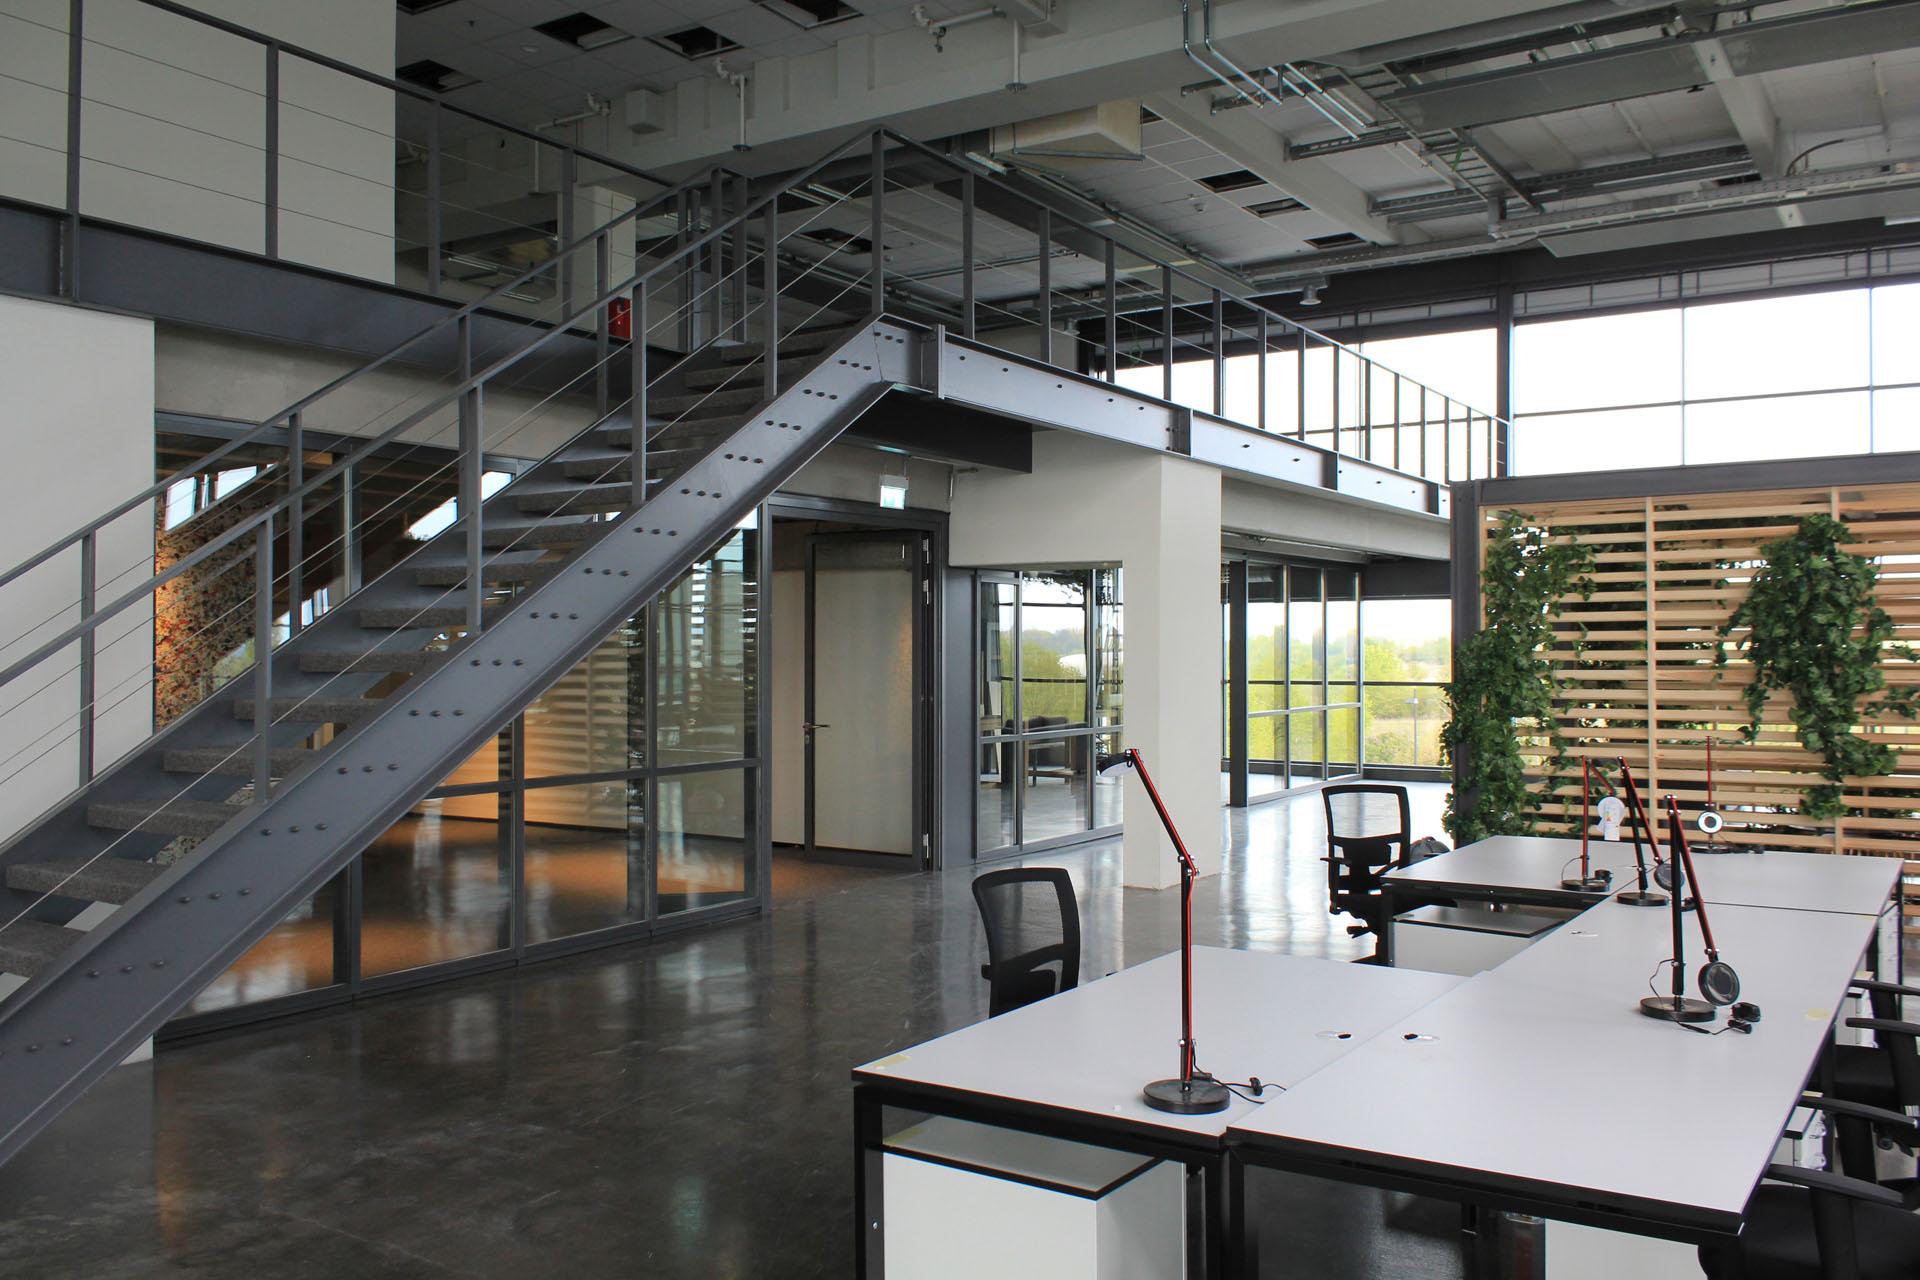 Umbau Lager Zu Loft Buro Ing Buro Versorgungs Und Umwelttechnik